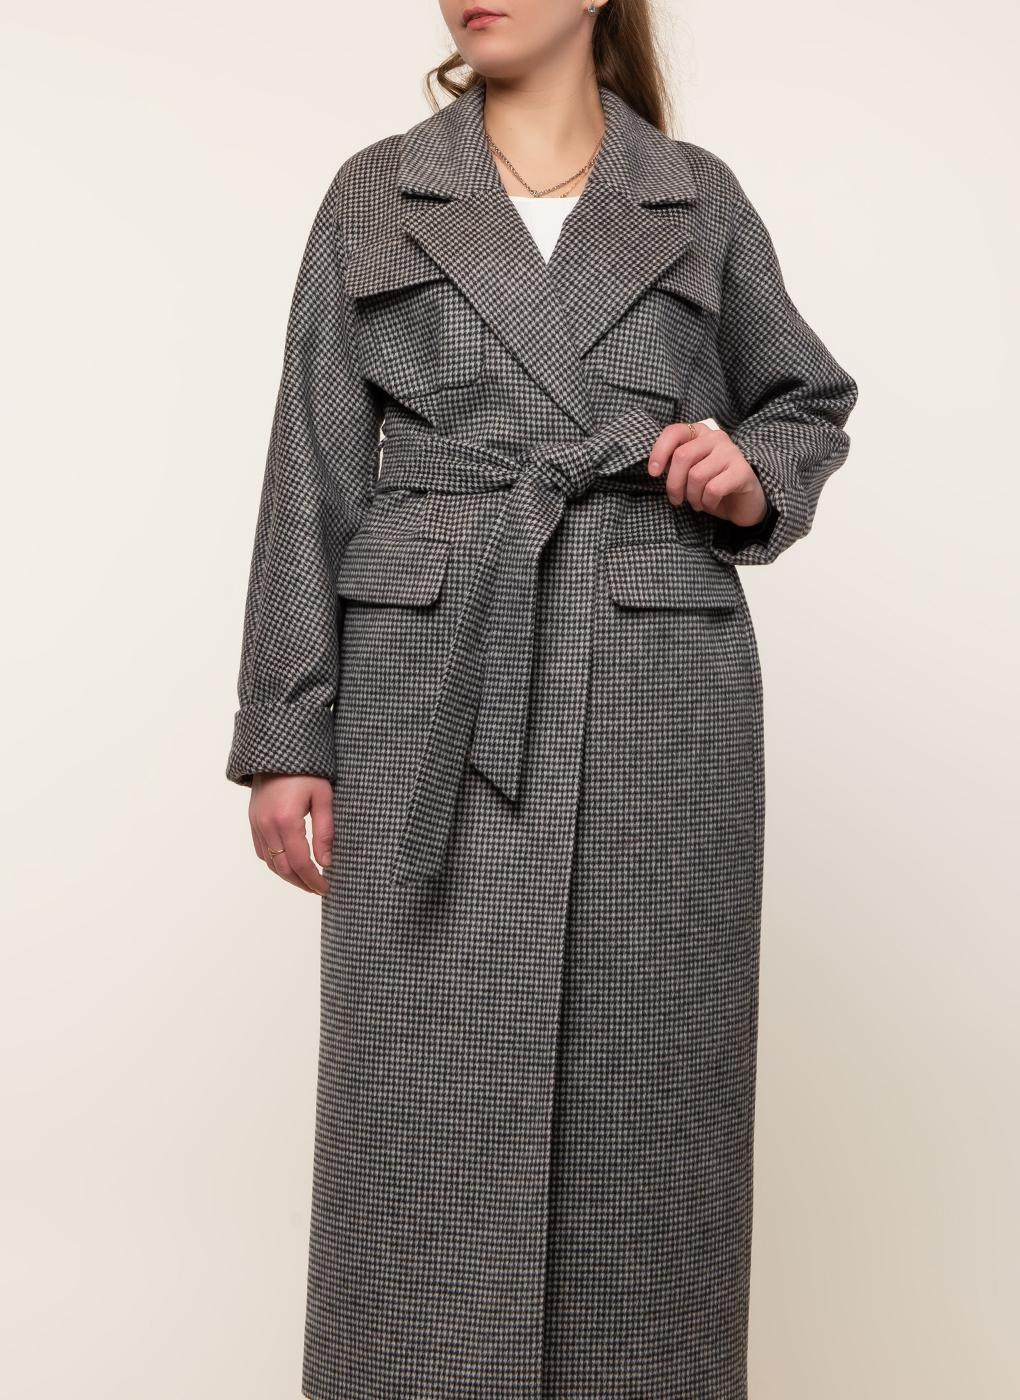 Пальто полушерстяное 52, Заря Моды фото